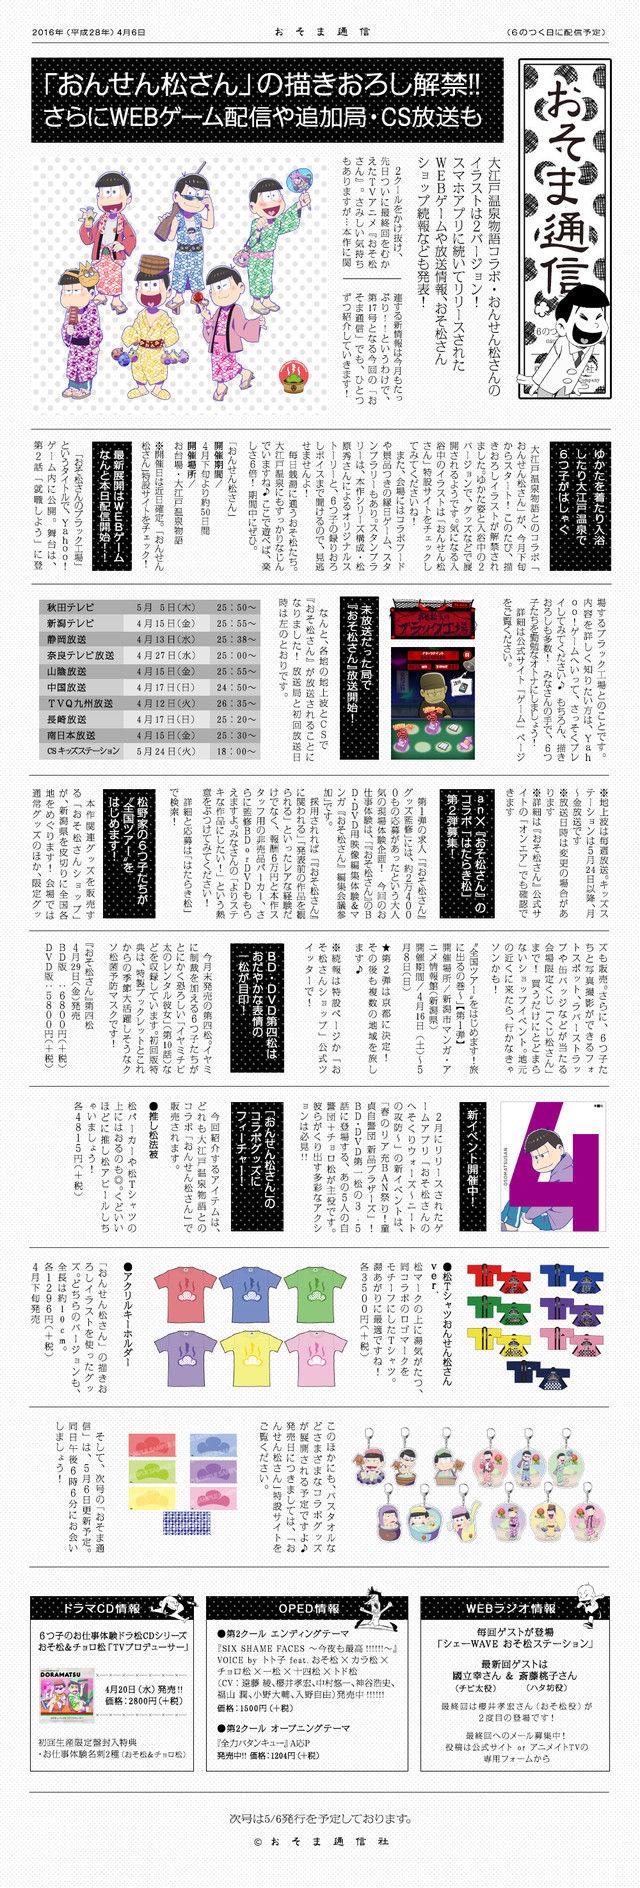 news_xlarge_osomatsushin4_6